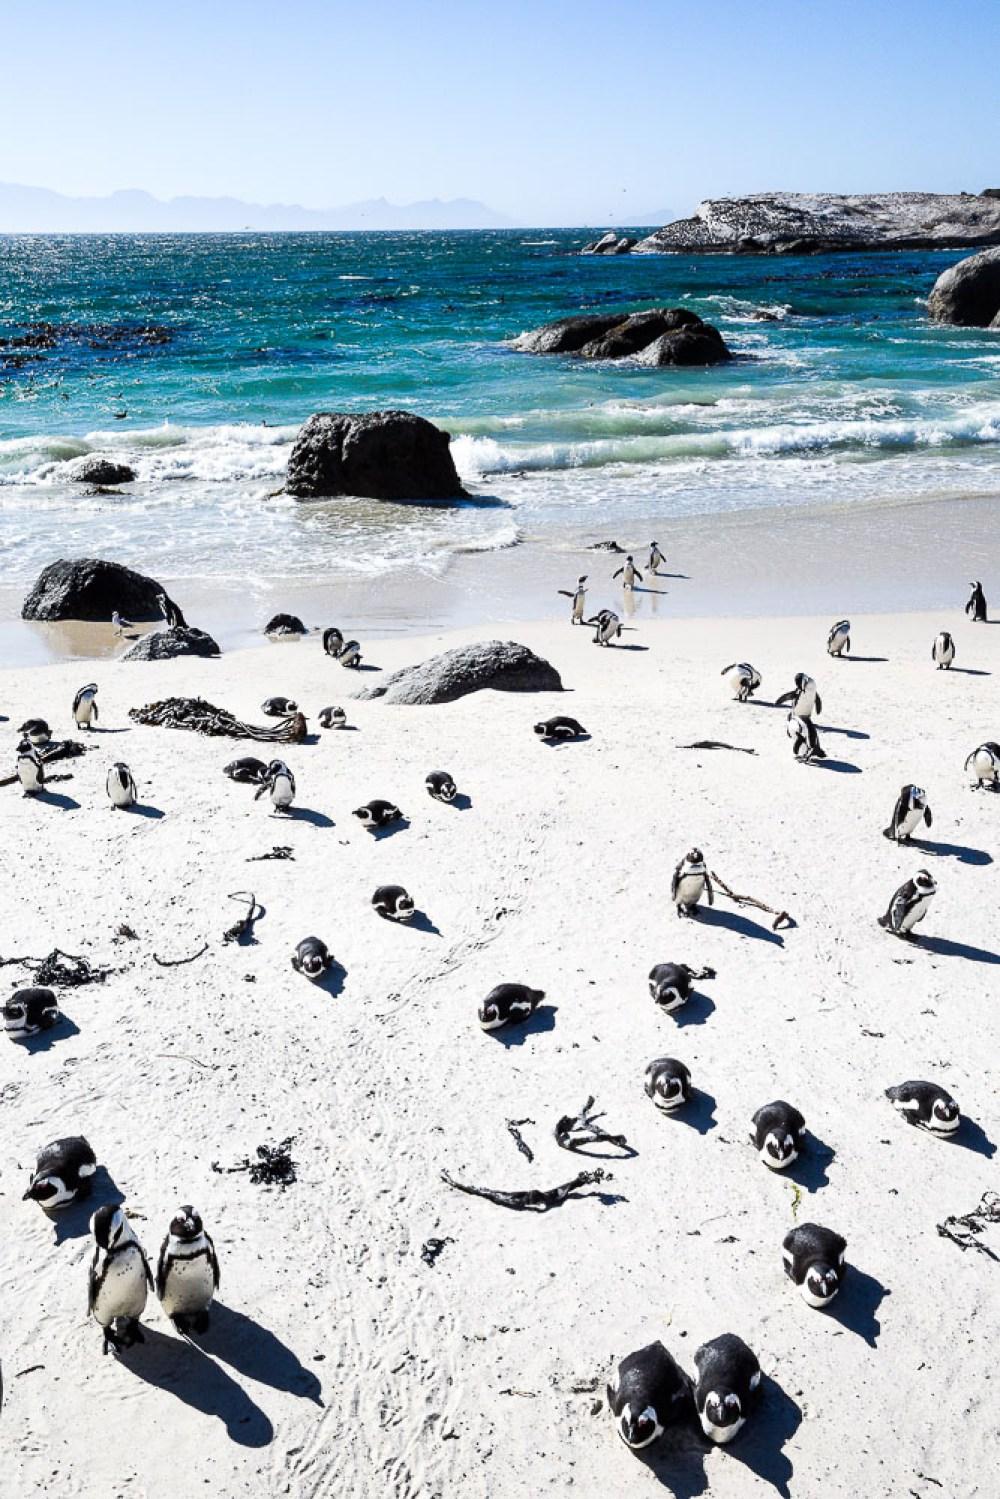 so many penguins!